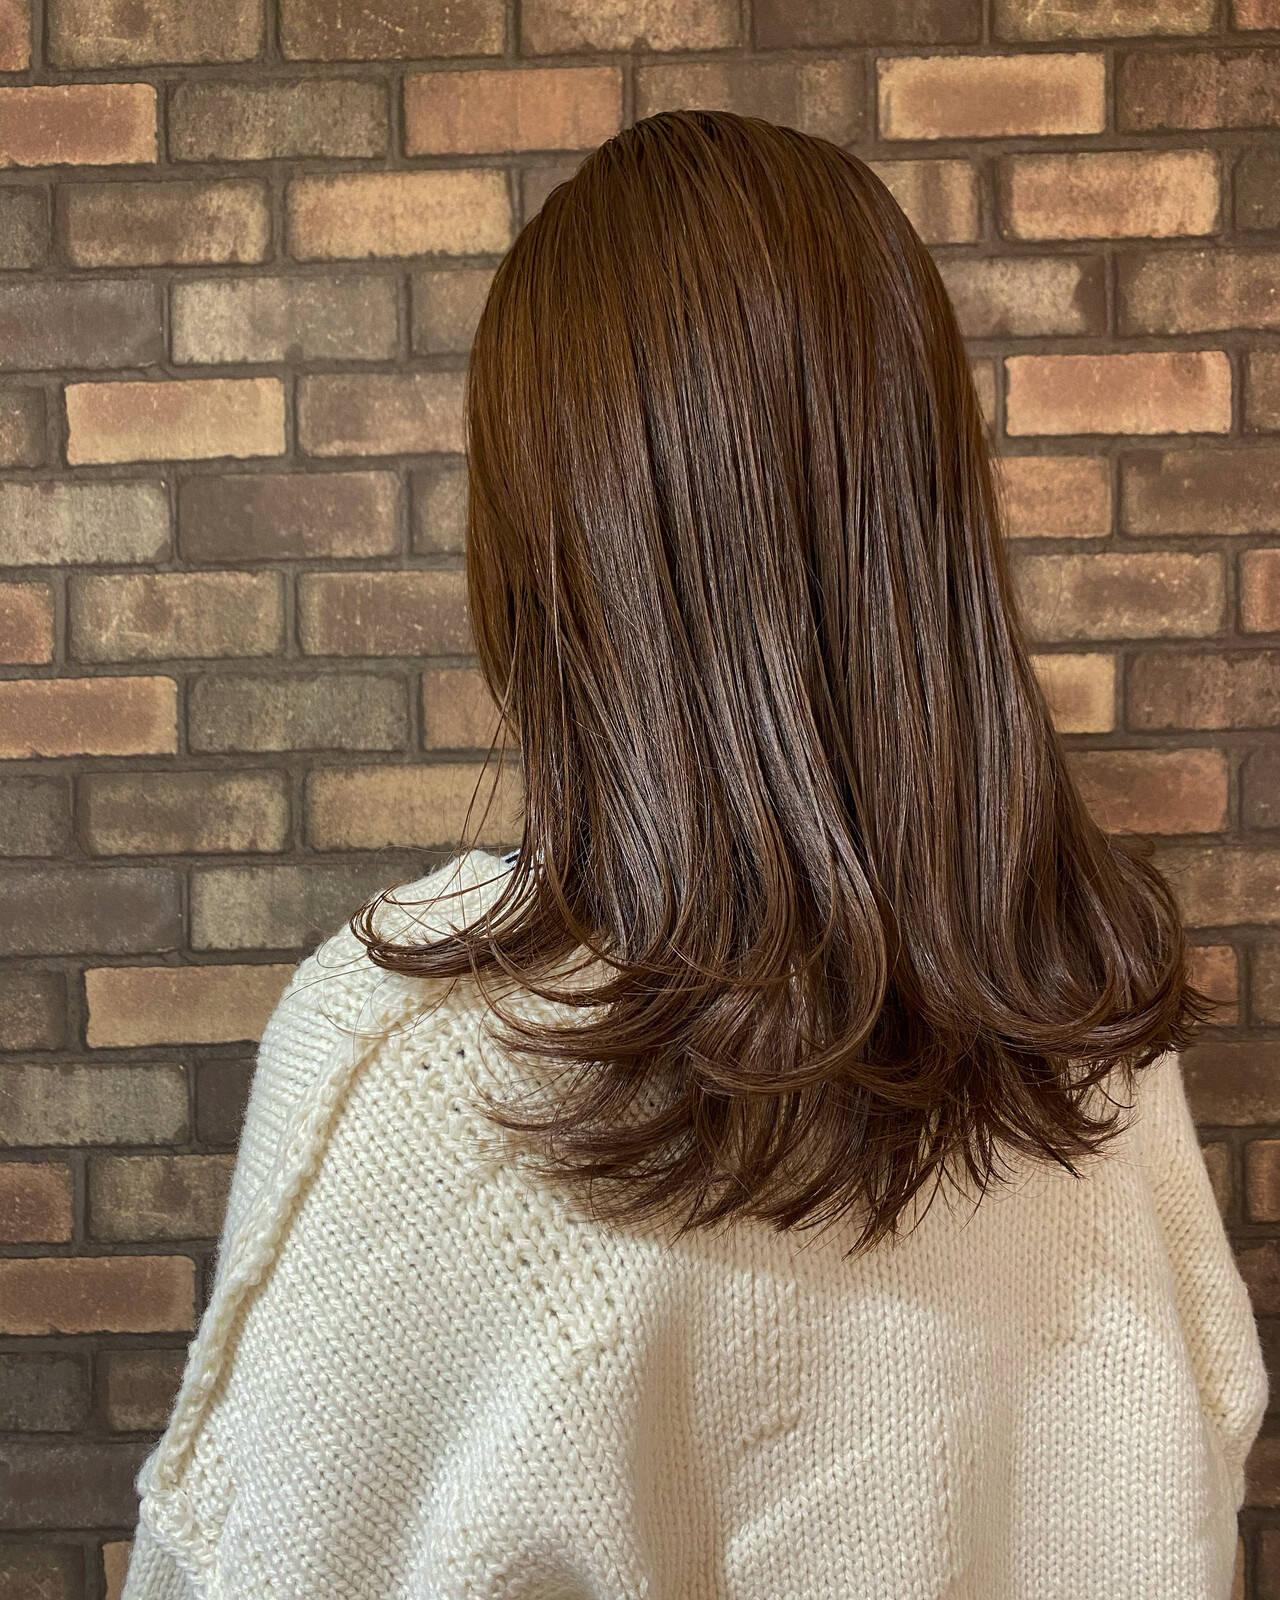 透明感 イルミナカラー ナチュラル セミロングヘアスタイルや髪型の写真・画像